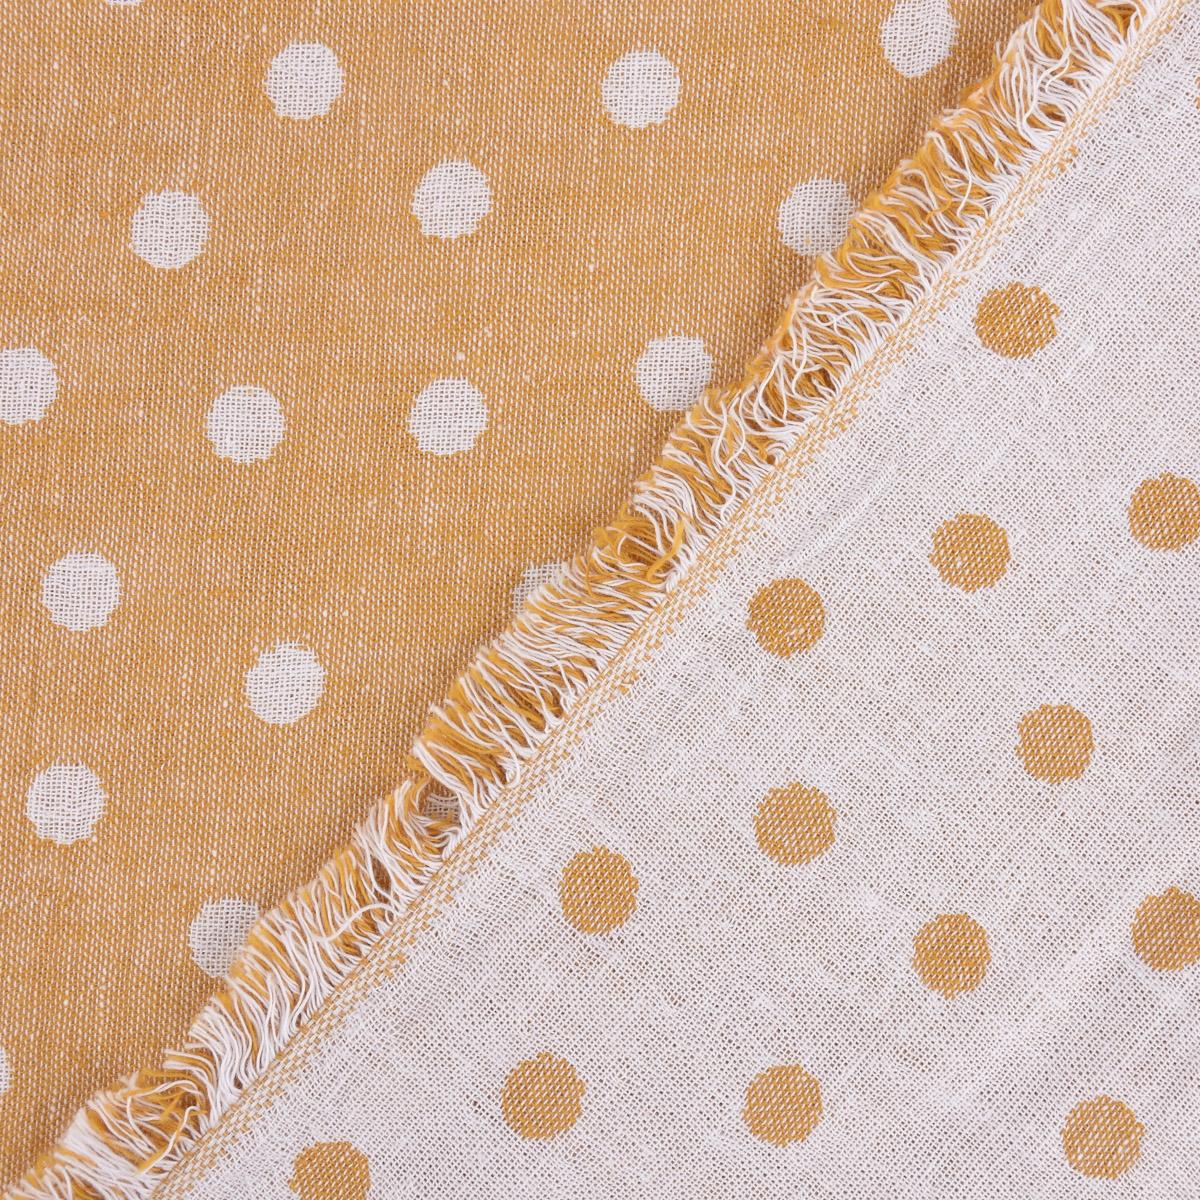 Baumwollstoff Jacquard Doubleface Punkte gelb meliert weiß 1,45m Breite